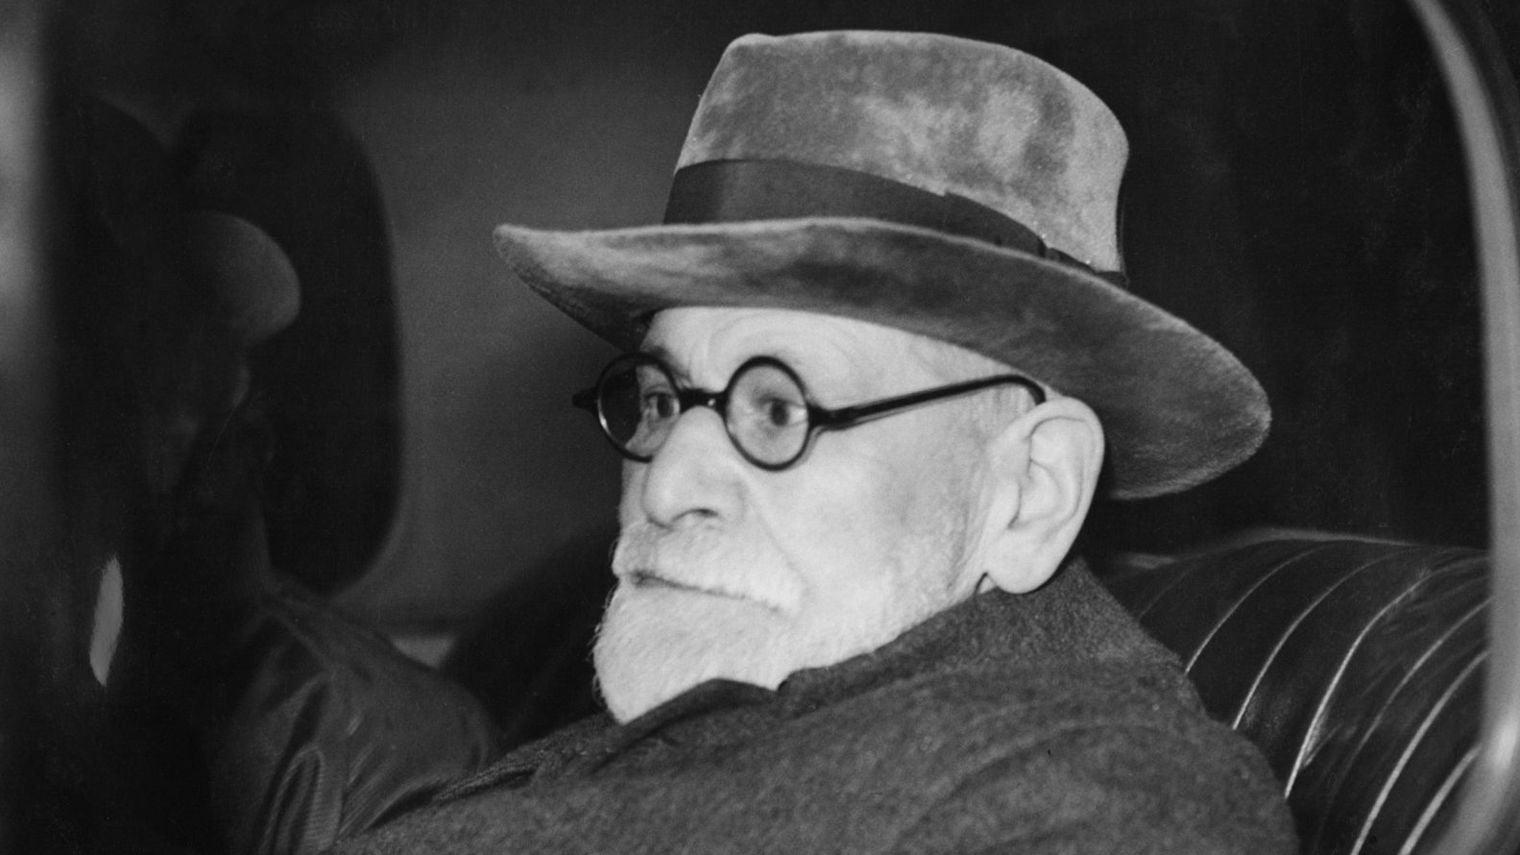 Avant d'être un Viennois contrarié, Sigmund Freud fut un enfant juif de Moravie, rappelle l'écrivain belge Lydia Flem.Avant d'être un Viennois contrarié, Sigmund Freud fut un enfant juif de Moravie, rappelle l'écrivain belge Lydia Flem. AFP